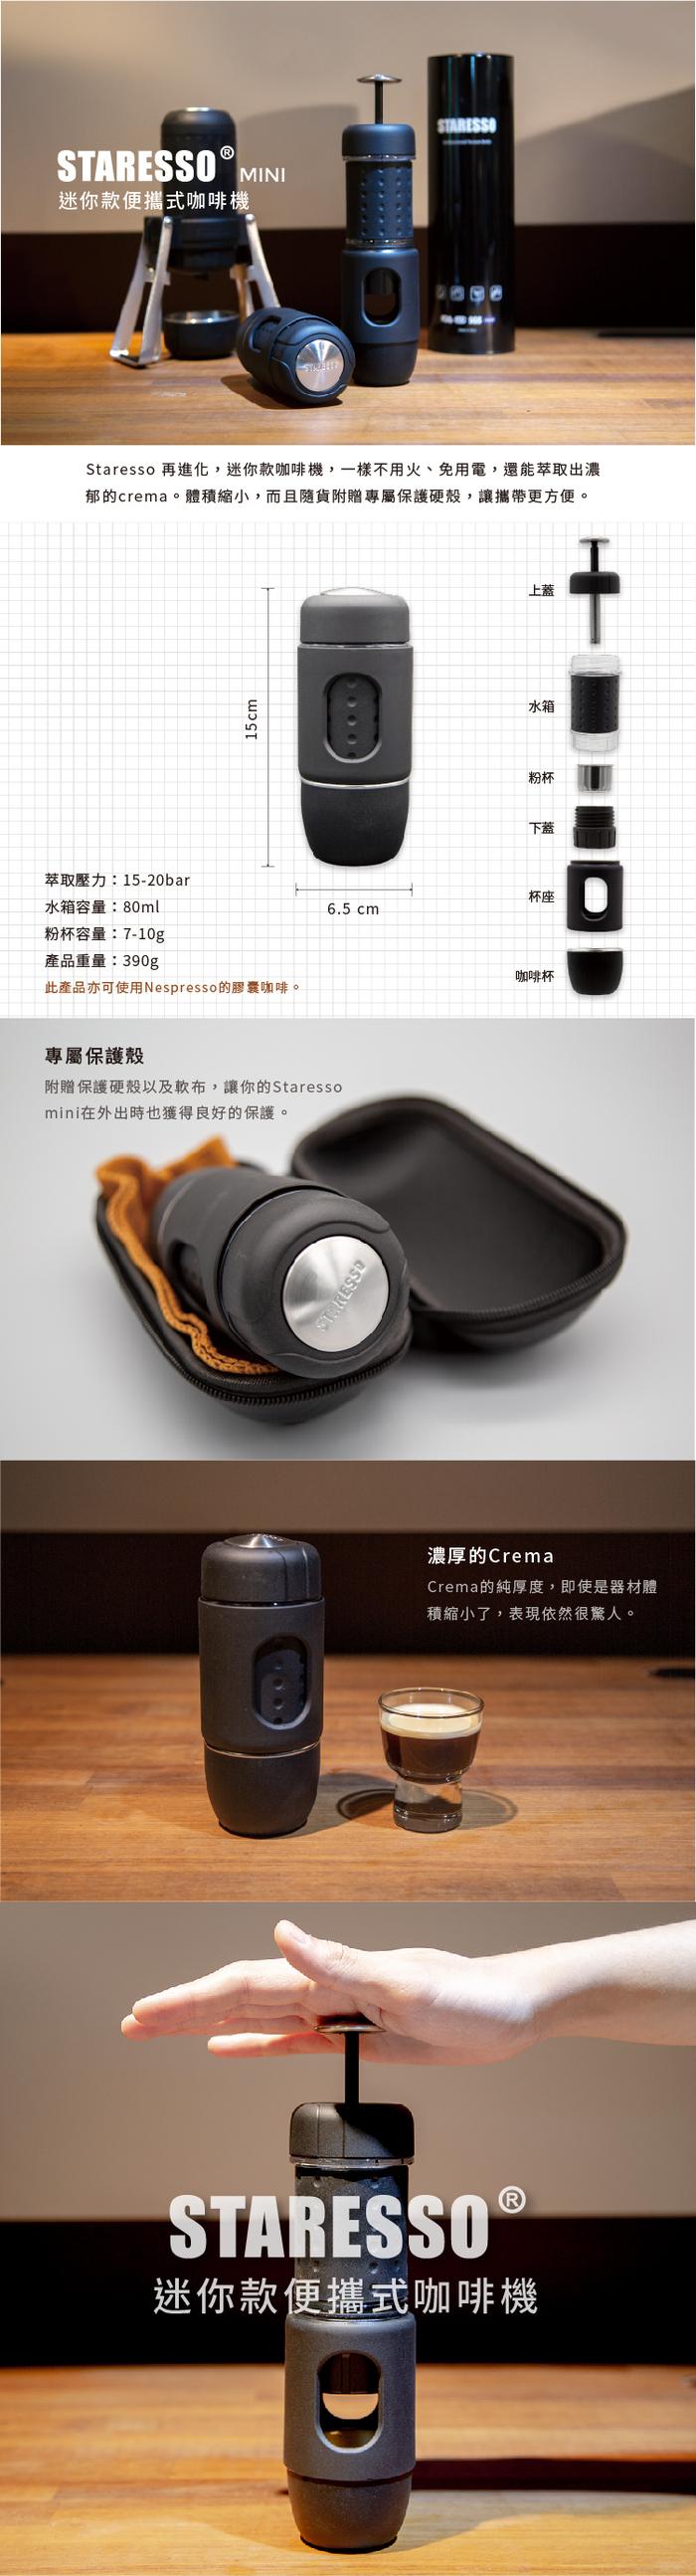 (複製)STARESSO 第三代便攜式義式咖啡機